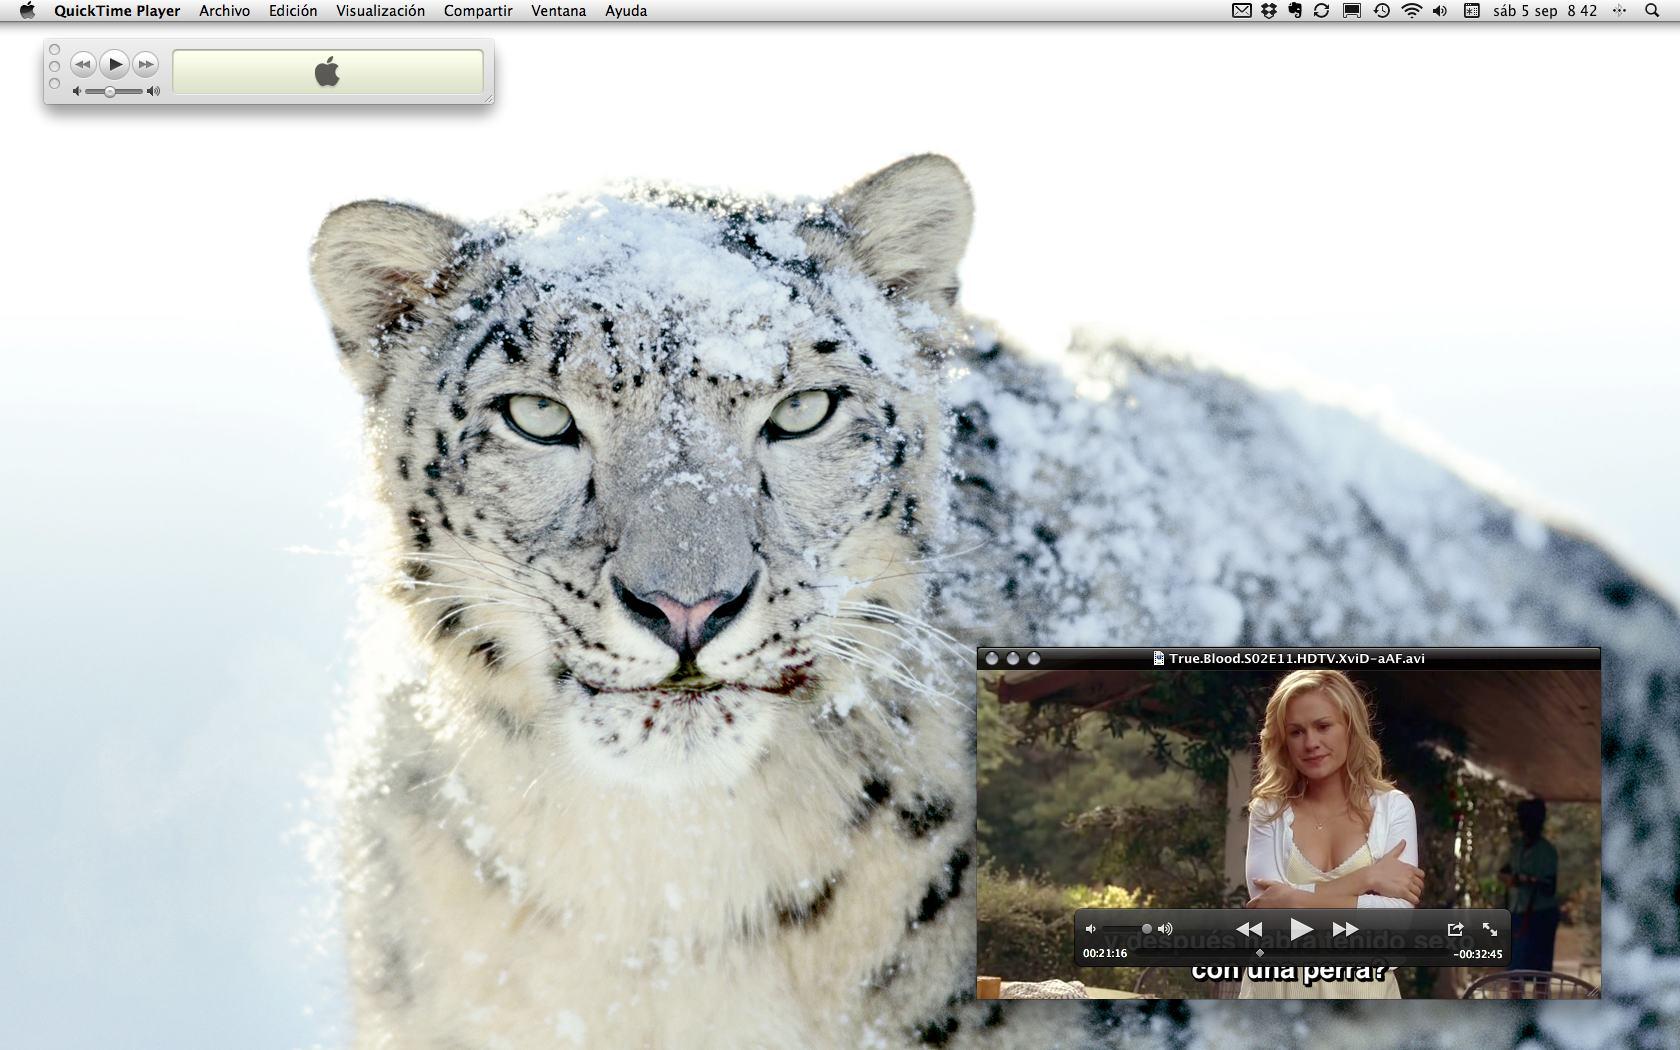 Captura de pantalla 2009-09-05 a las 08.42.56